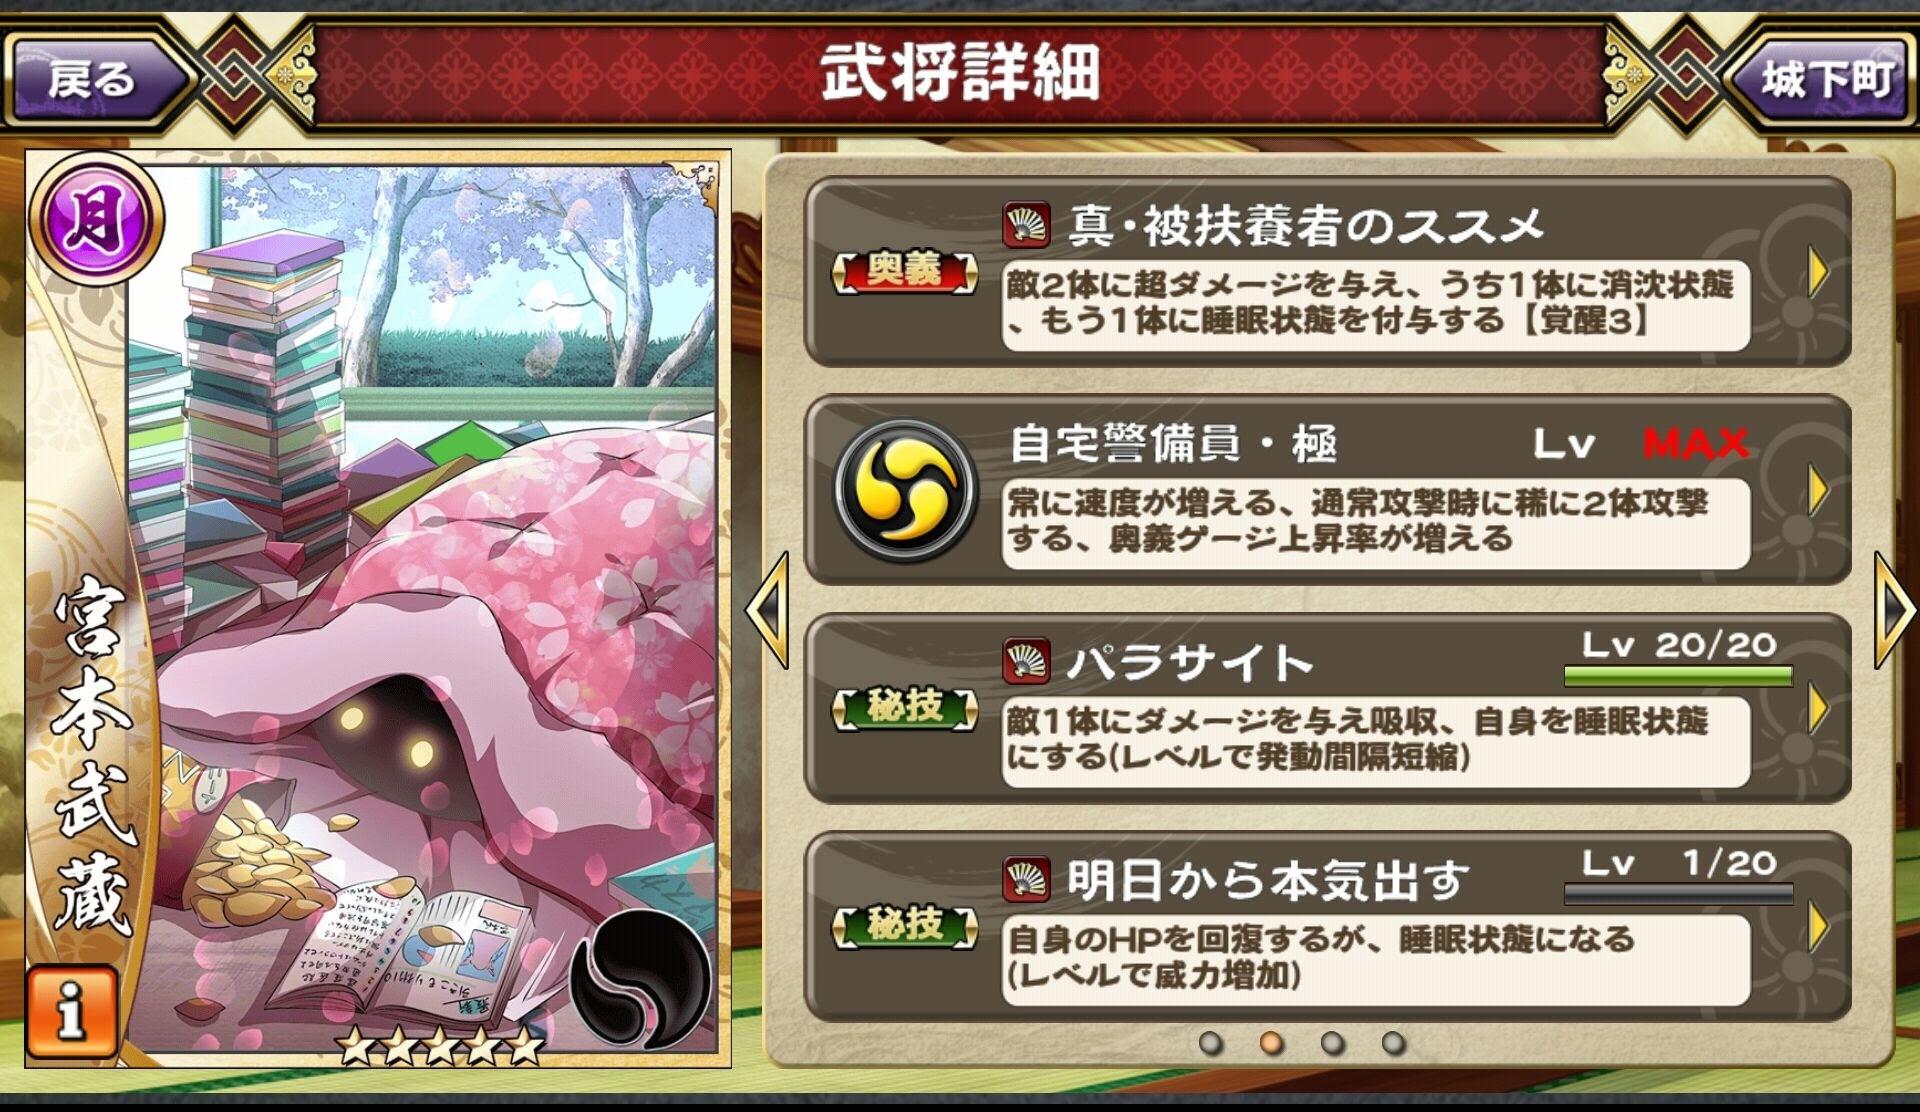 戦国 アスカ zero 宮本 武蔵